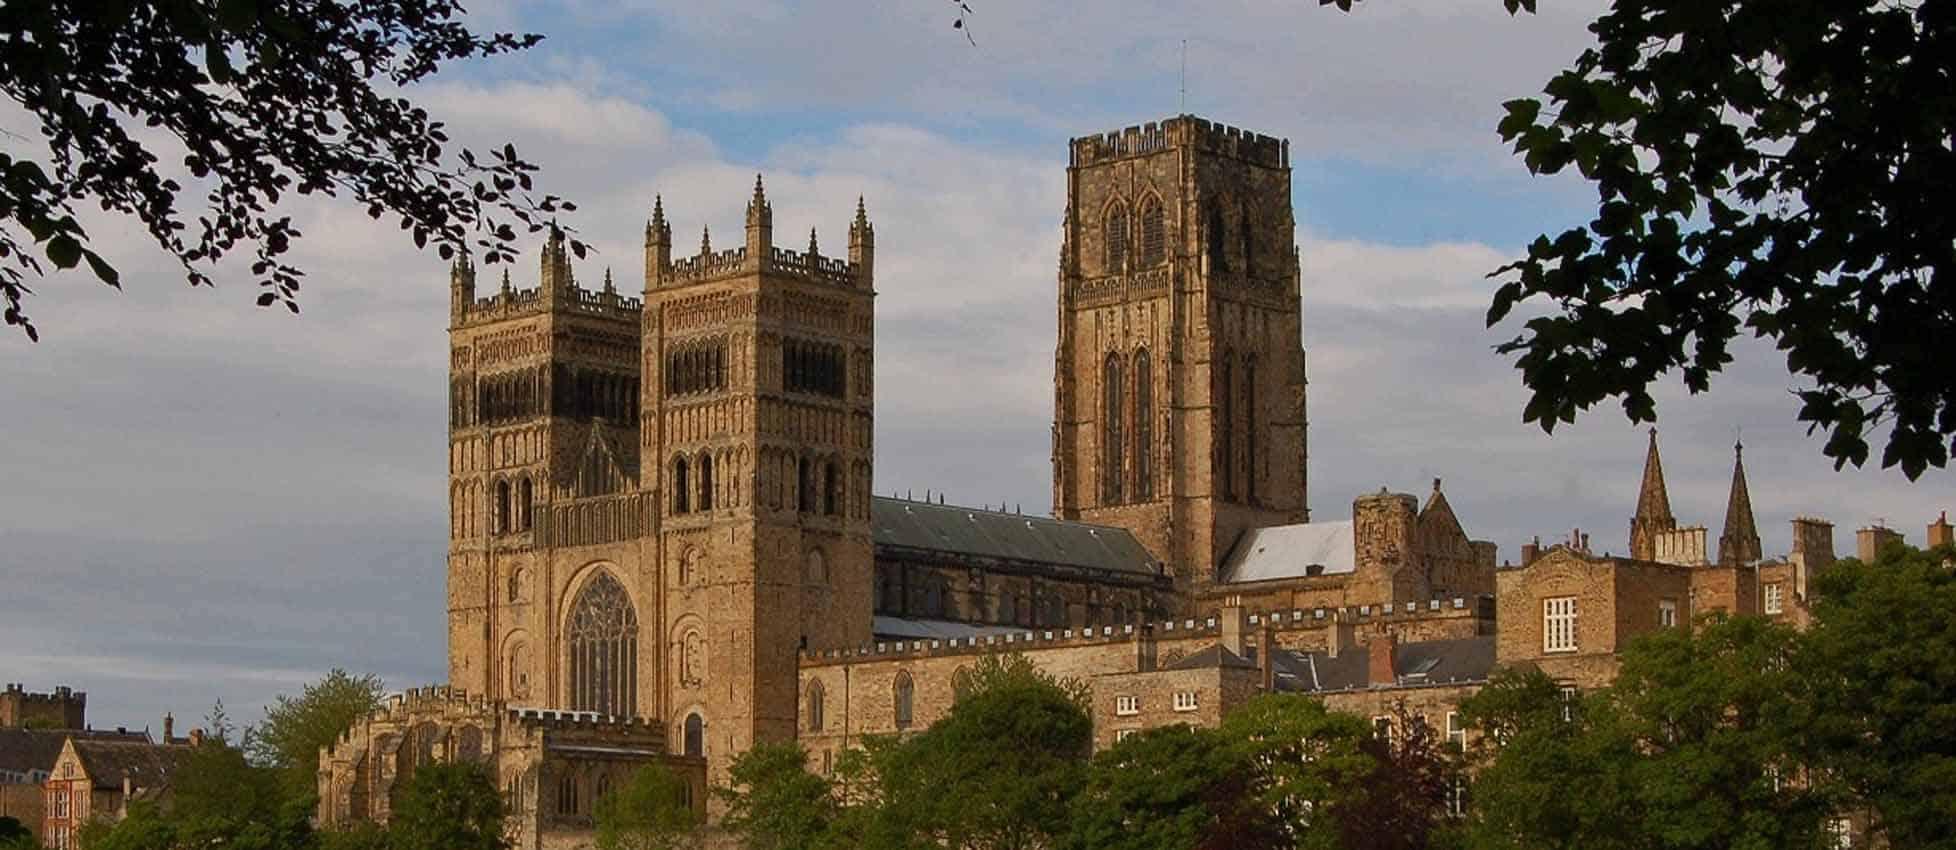 Durham England Tours